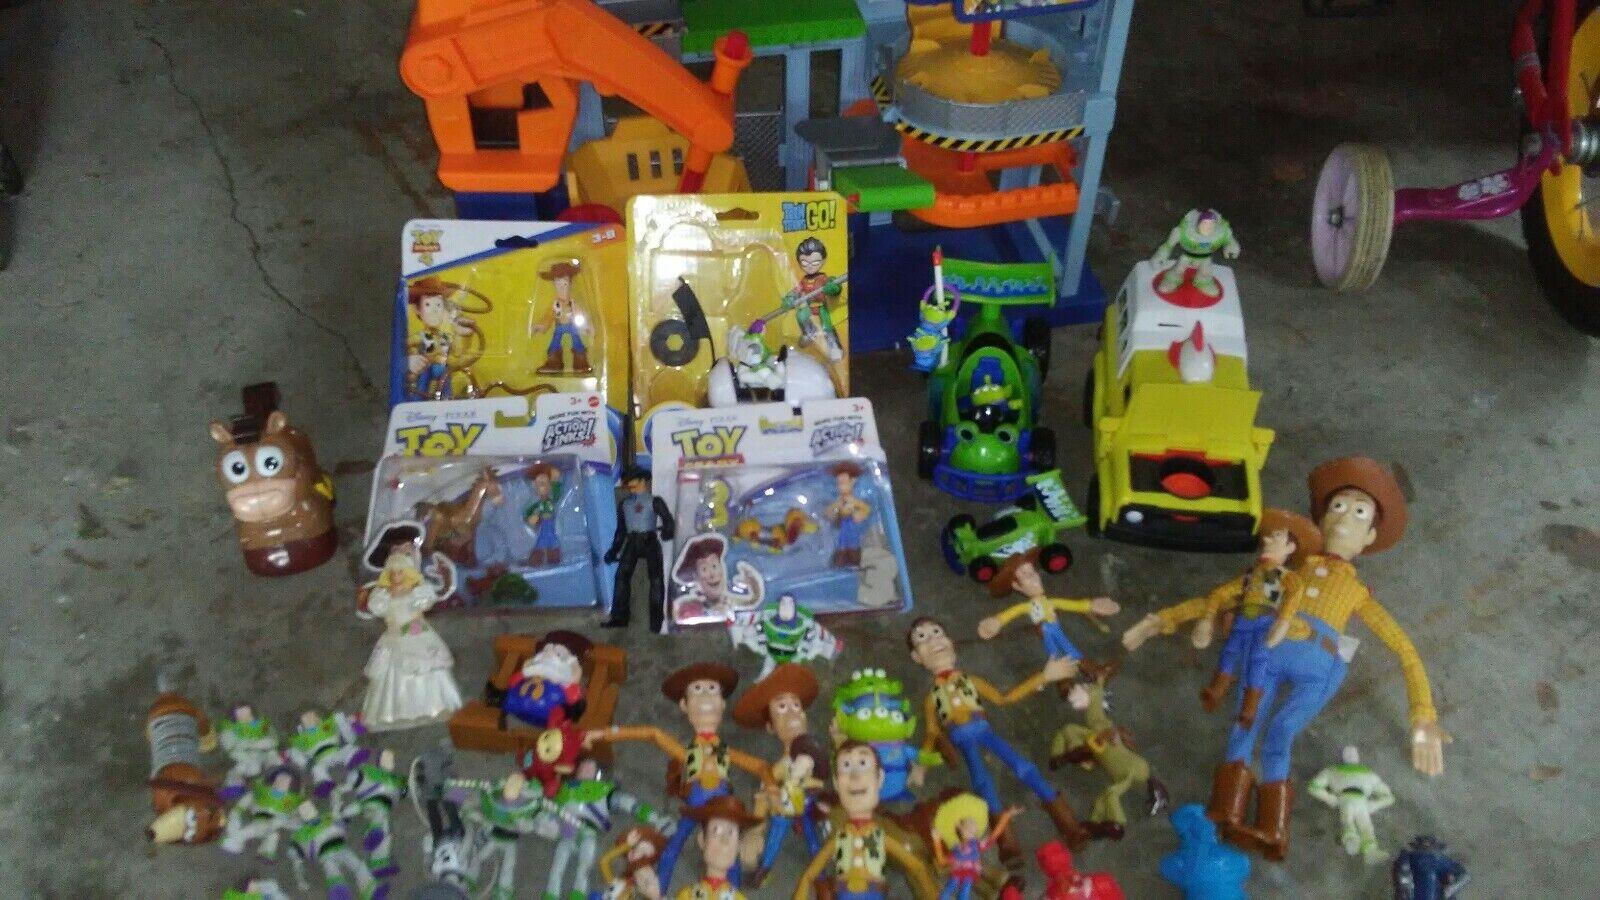 Storia di giocattoli immaginari 3 tricmounty disautoica Pizza Planet camion paraurti auto rc